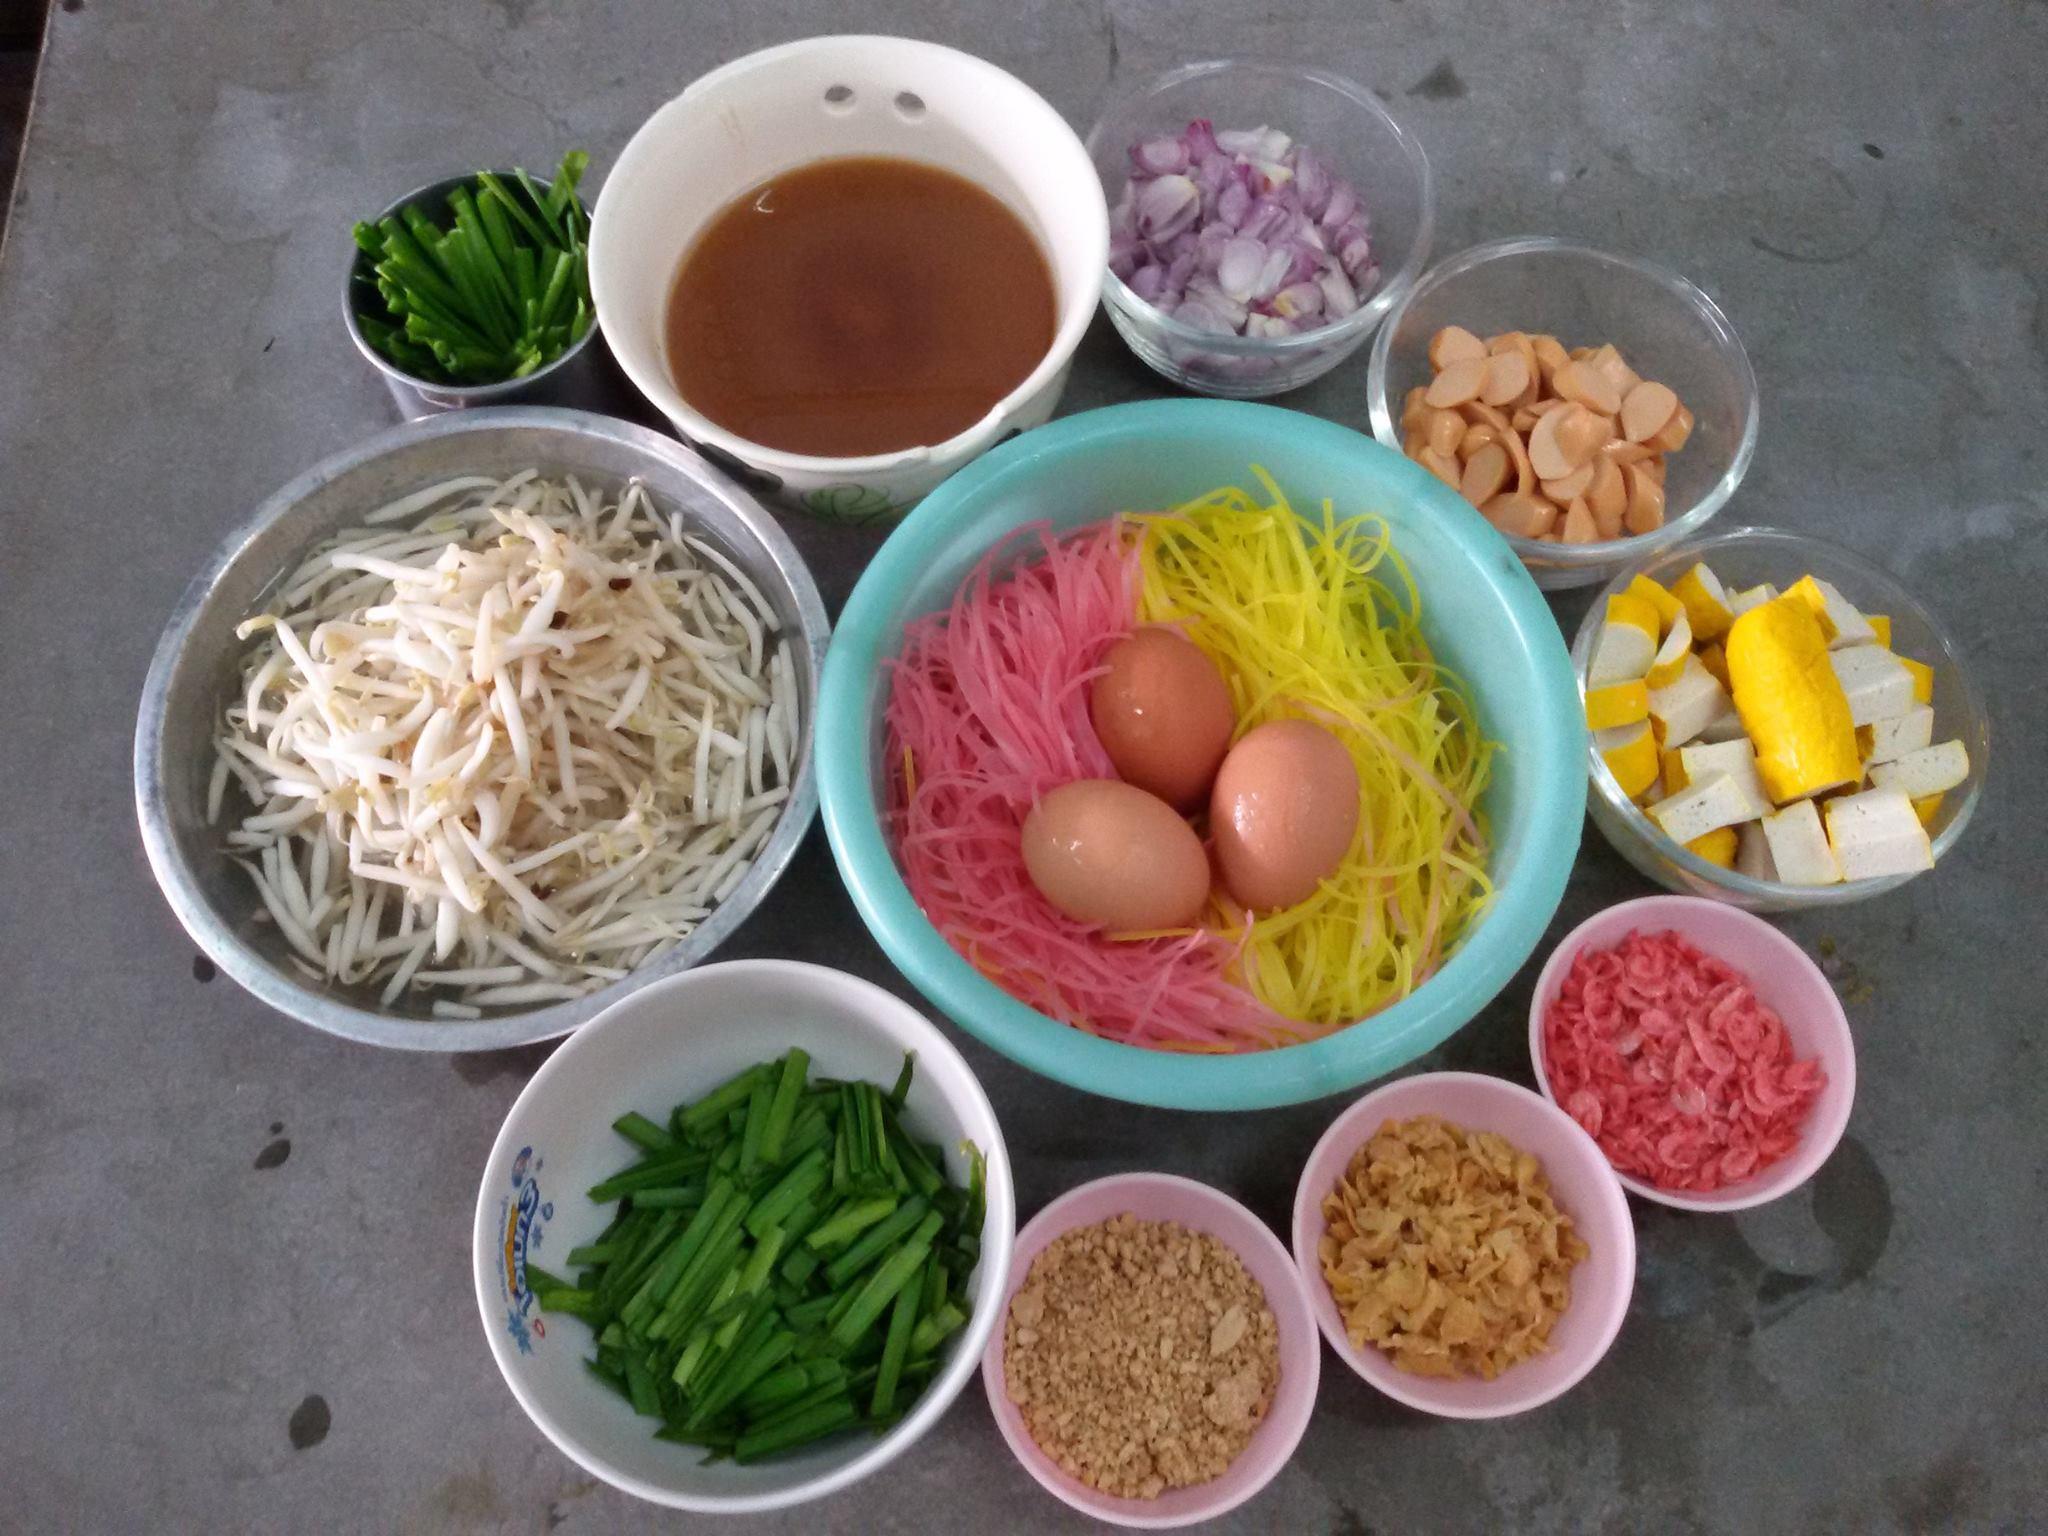 ผัดไทย สูตรอาหาร วิธีทำ แม่บ้าน